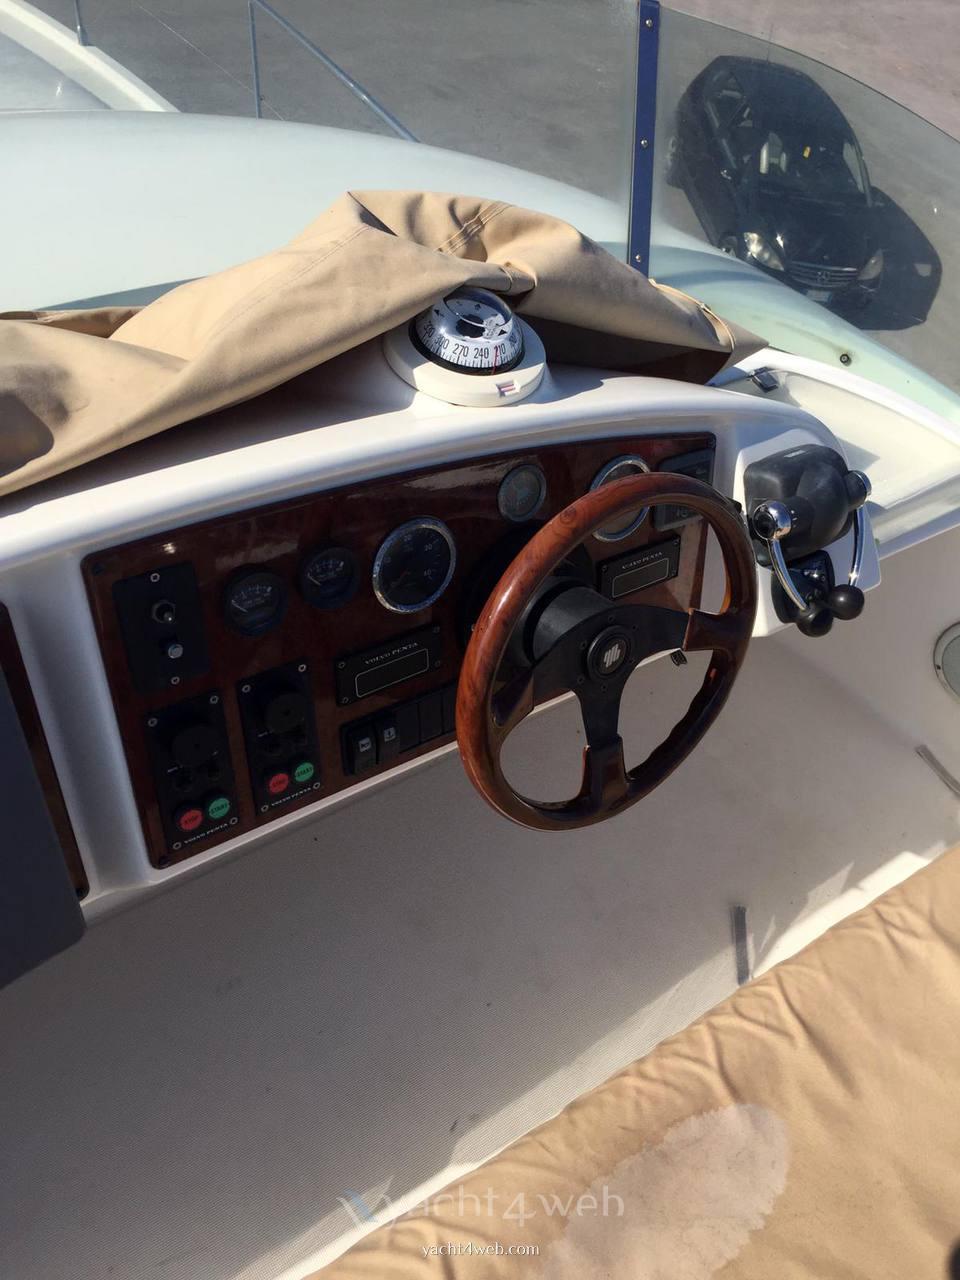 Janneau Prestige 46 Yate a motor